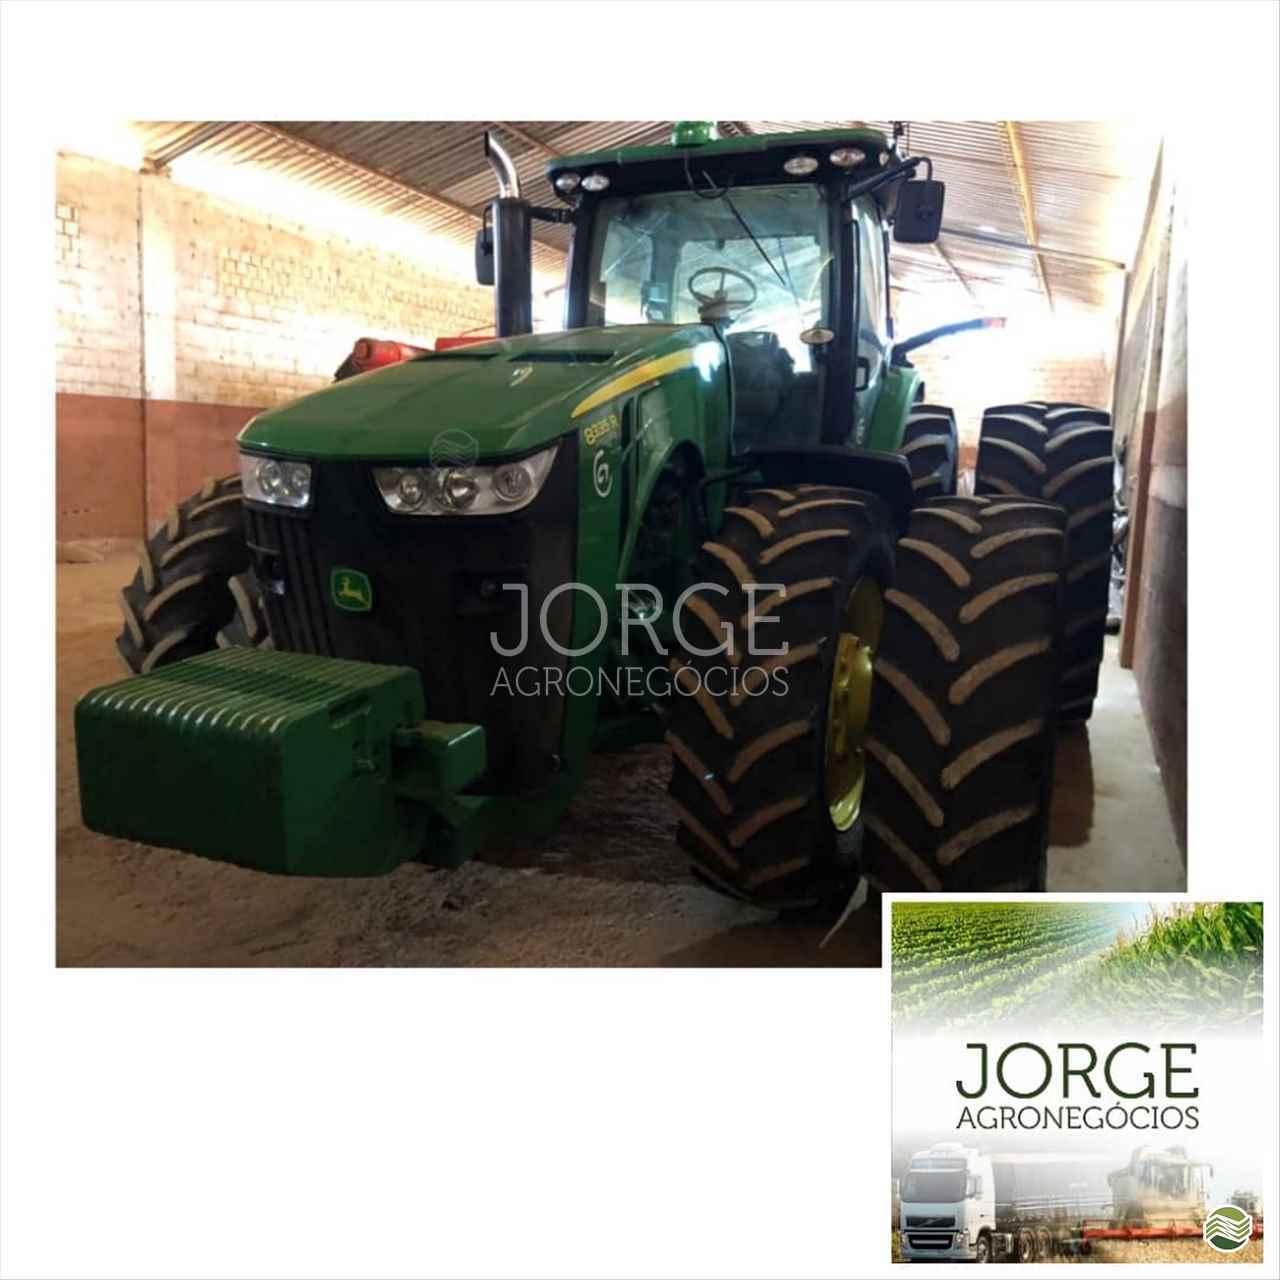 TRATOR JOHN DEERE JOHN DEERE 8335 Tração 4x4 Jorge Agronegócios NOVA PONTE MINAS GERAIS MG